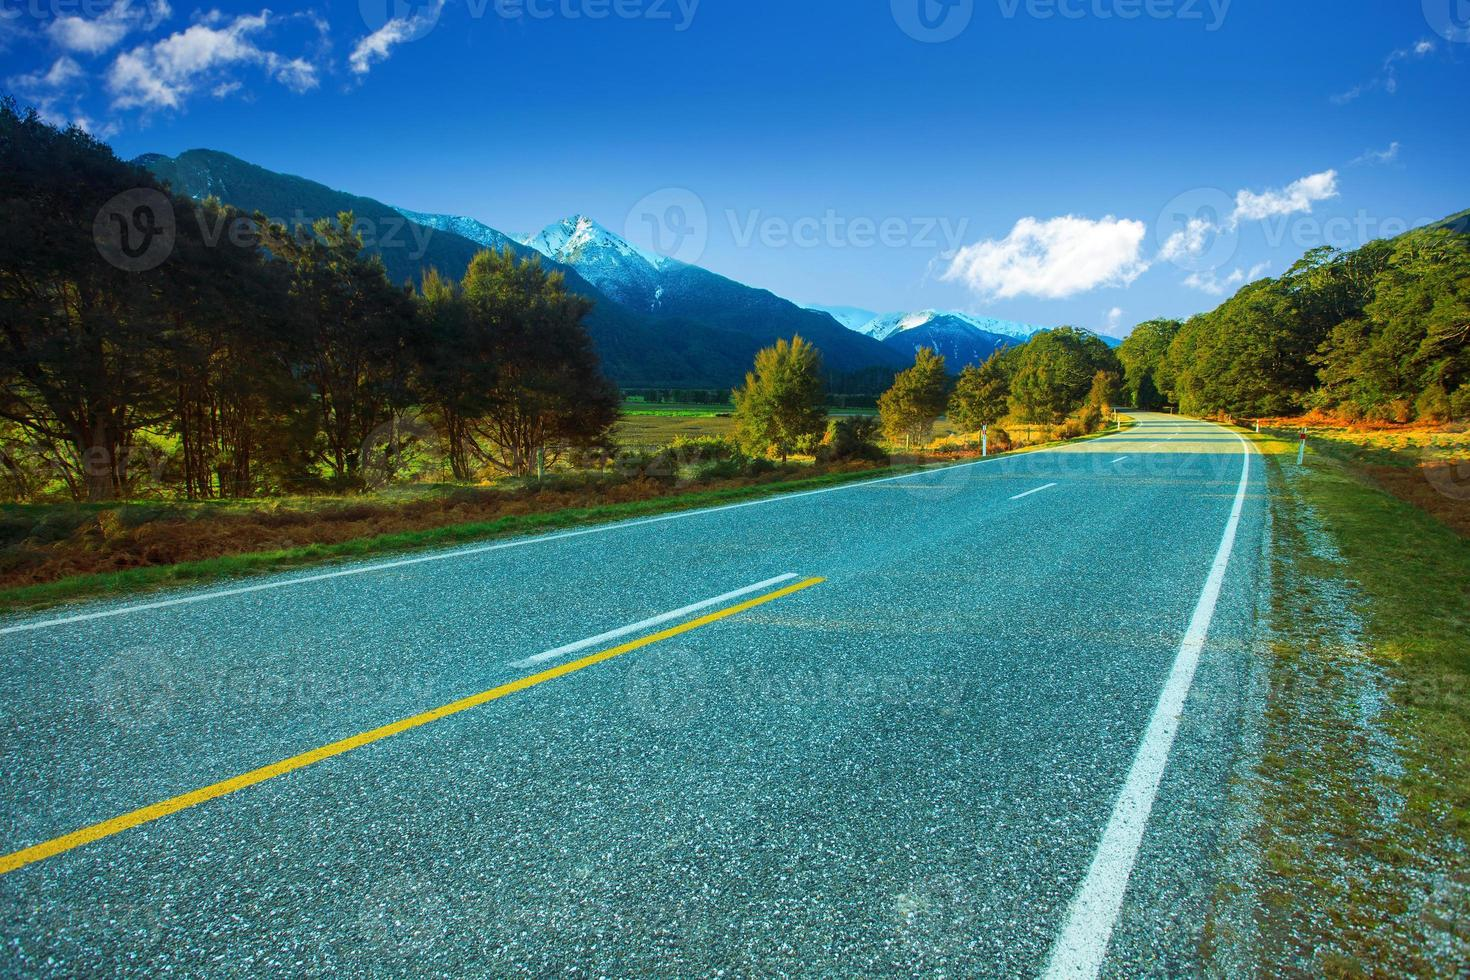 Autoroutes d'asphalte dans le futur parc national de Nouvelle-Zélande photo